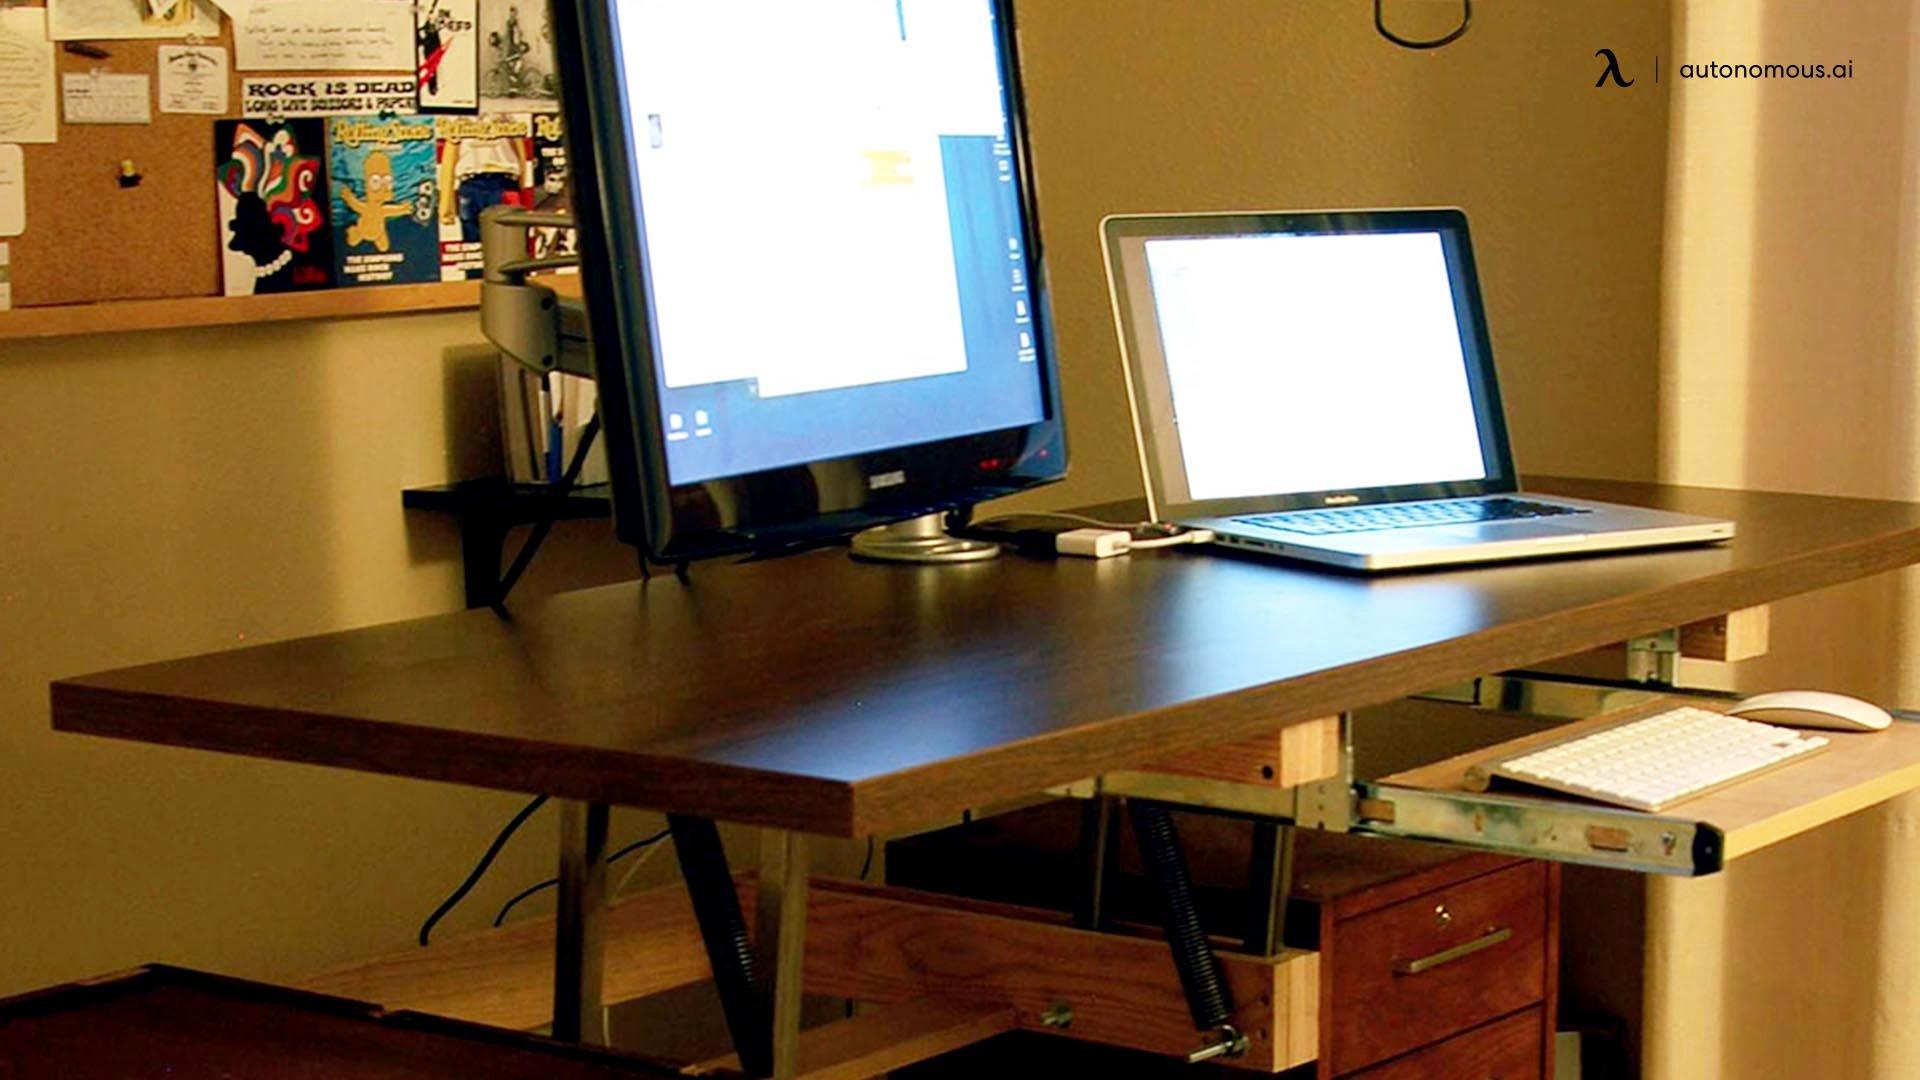 Counterweight convertible standing desk idea